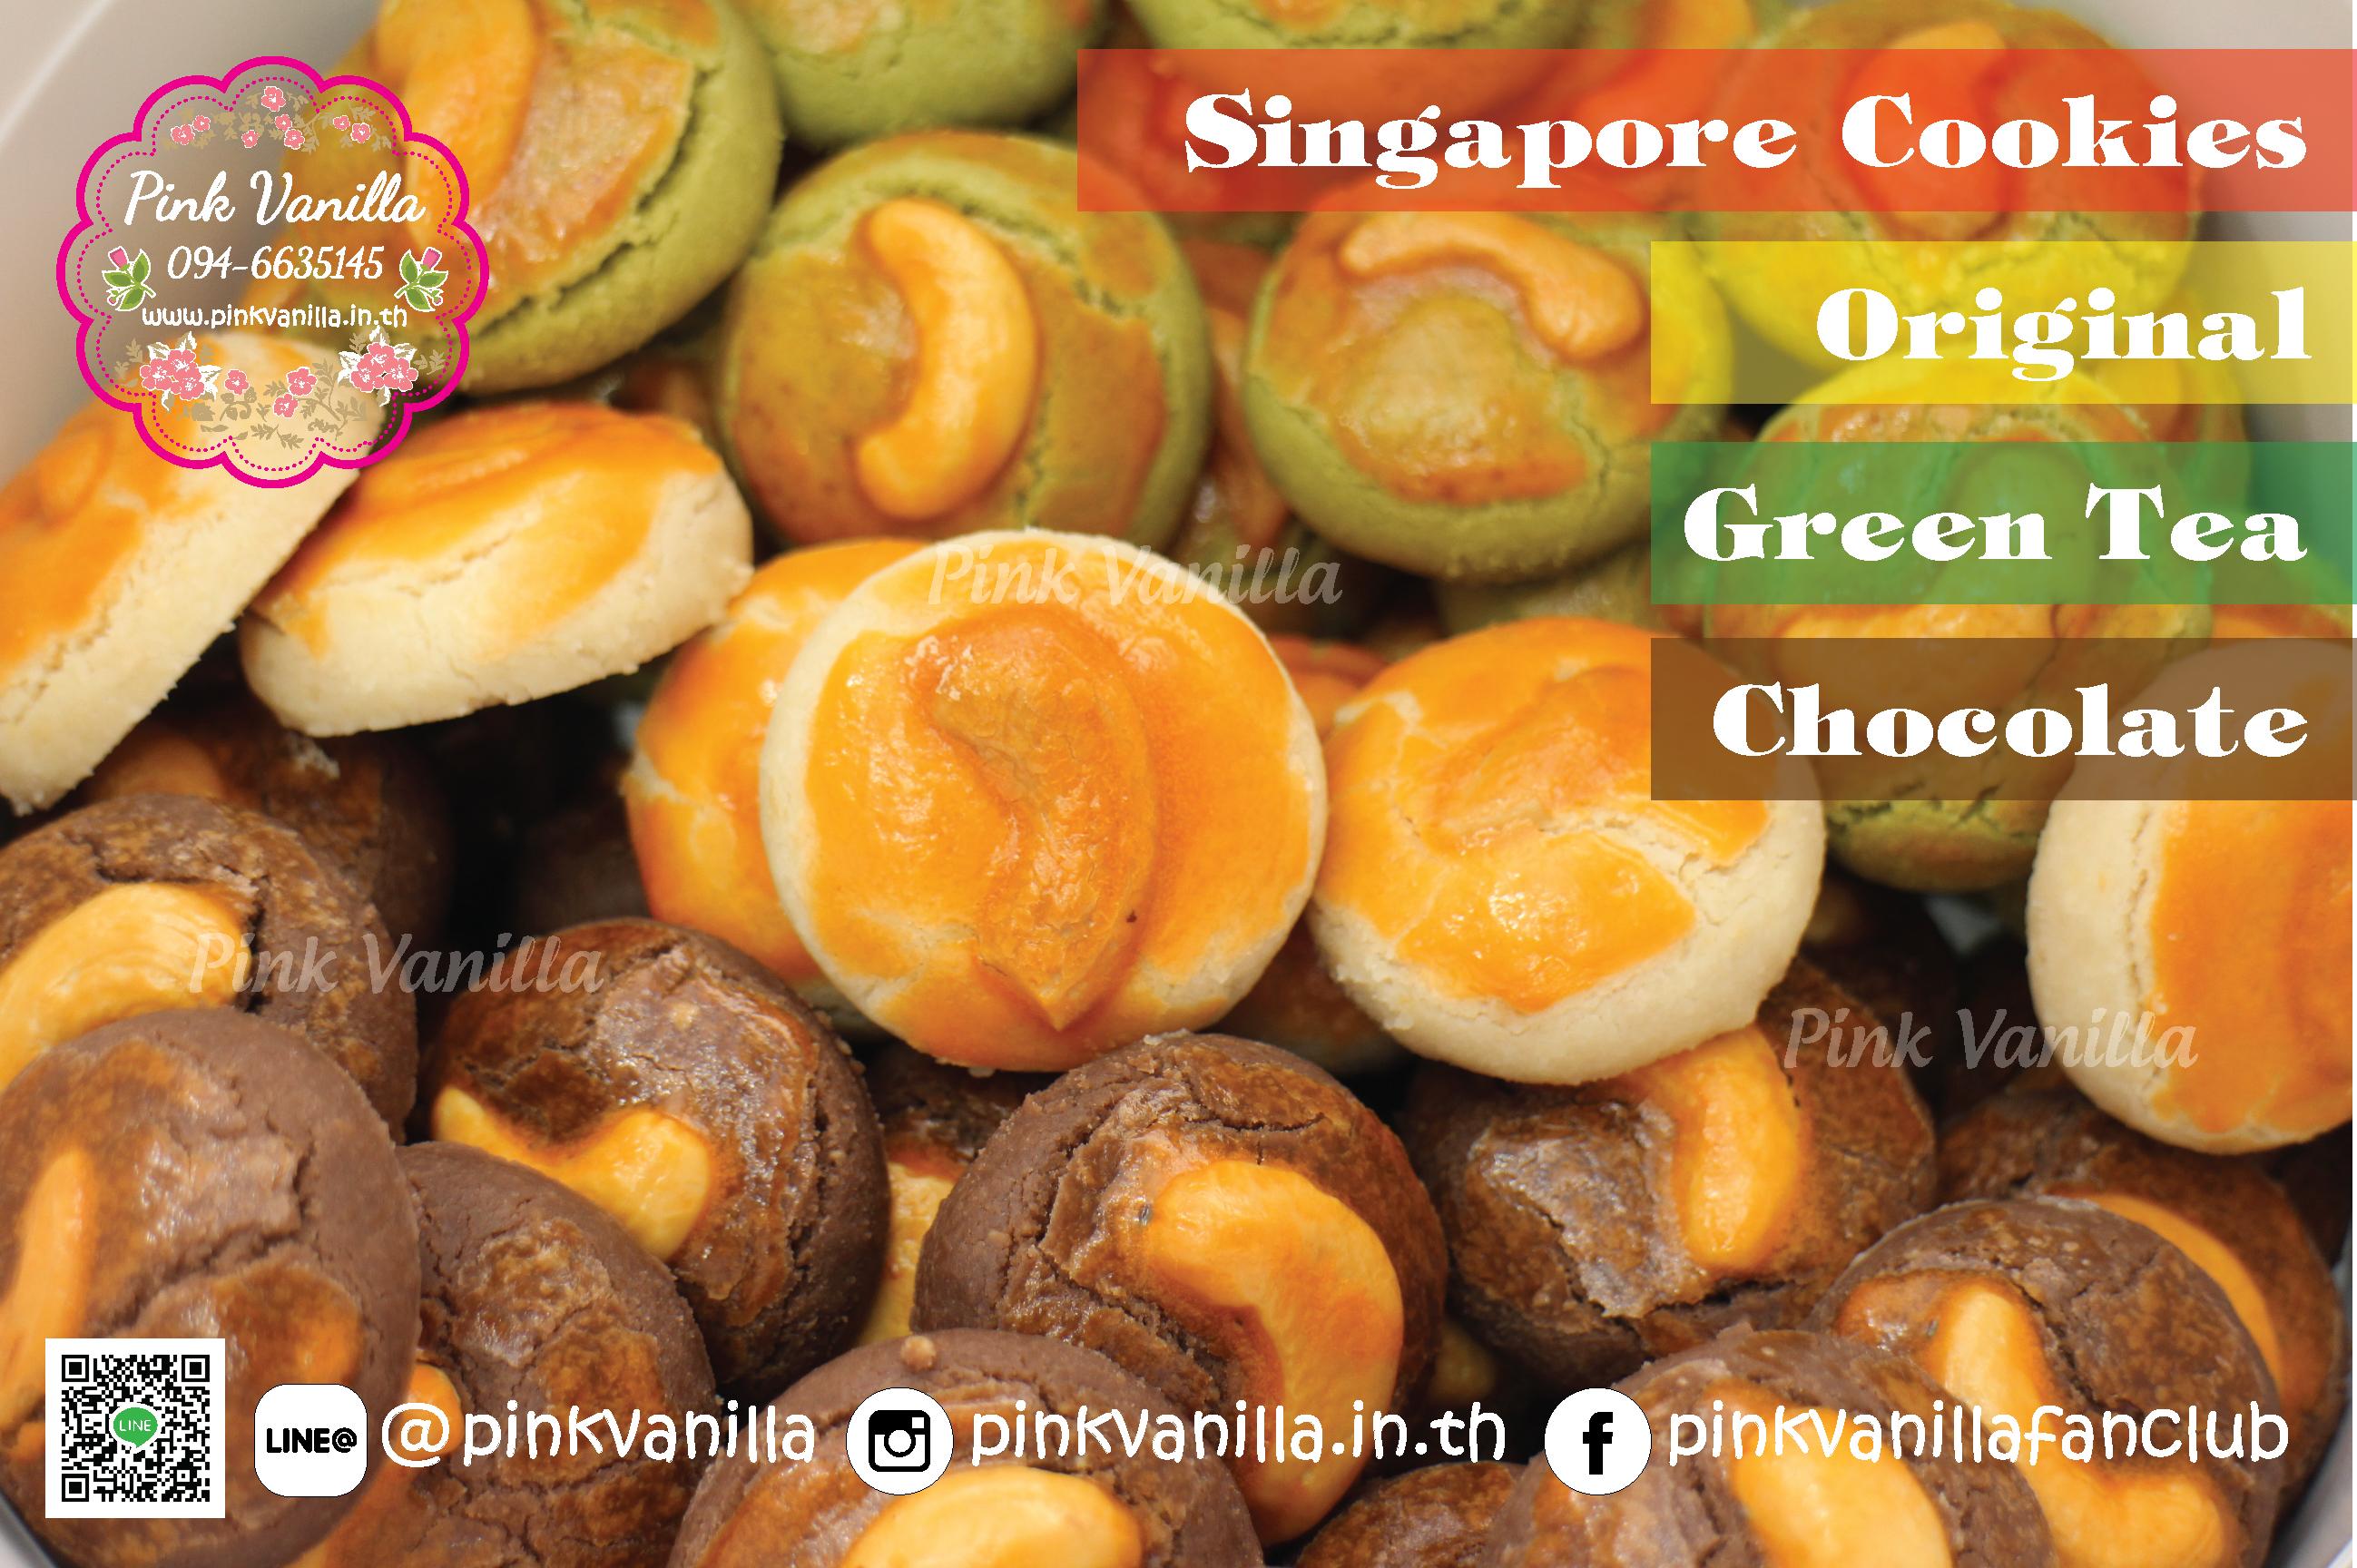 คุ๊กกี้สิงคโปร์ Singapore Cookies สอนทำคุ๊กกี้สิงคโปร์ เรียนทำคุ๊กกี้สิงคโปร์